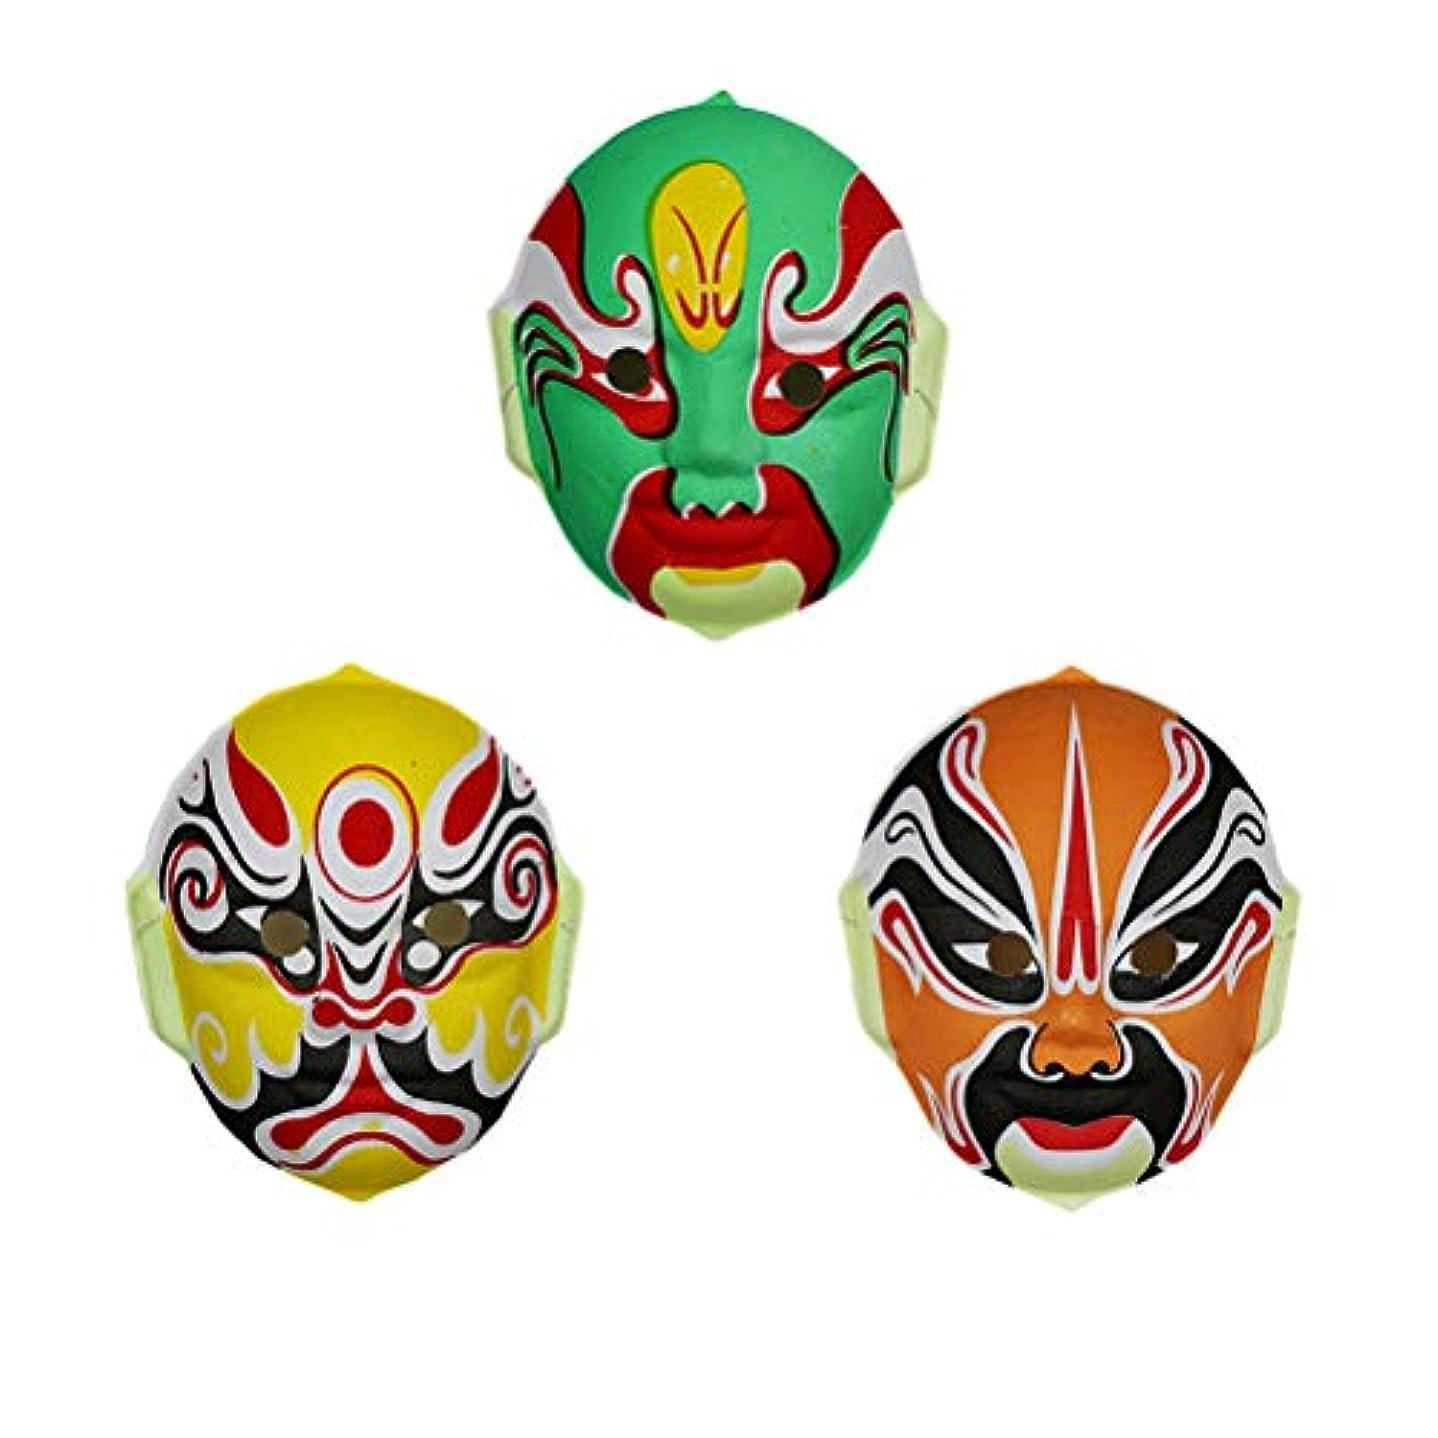 シンクファントム方程式TINKSKY 3本 中国 オペラマスク 伝統オペラマスク ハロウィーン コスプレ小道具 パーティー用品 (ランダムスタイル)